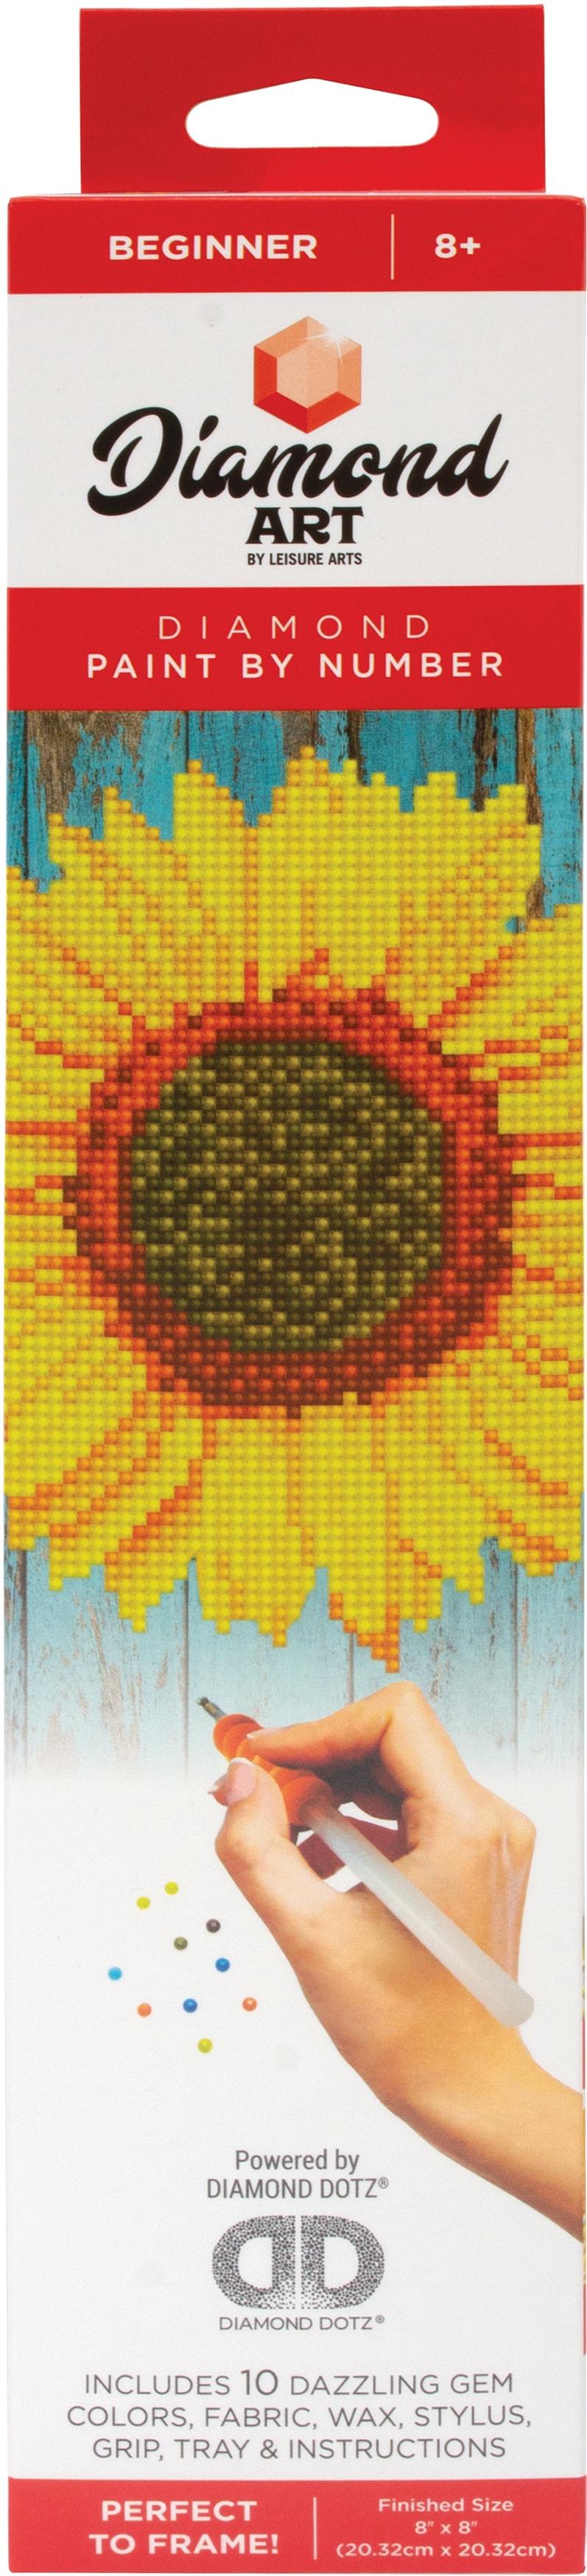 Leisure Arts Diamond Art Beginner Kit 8X8 -Sunflower